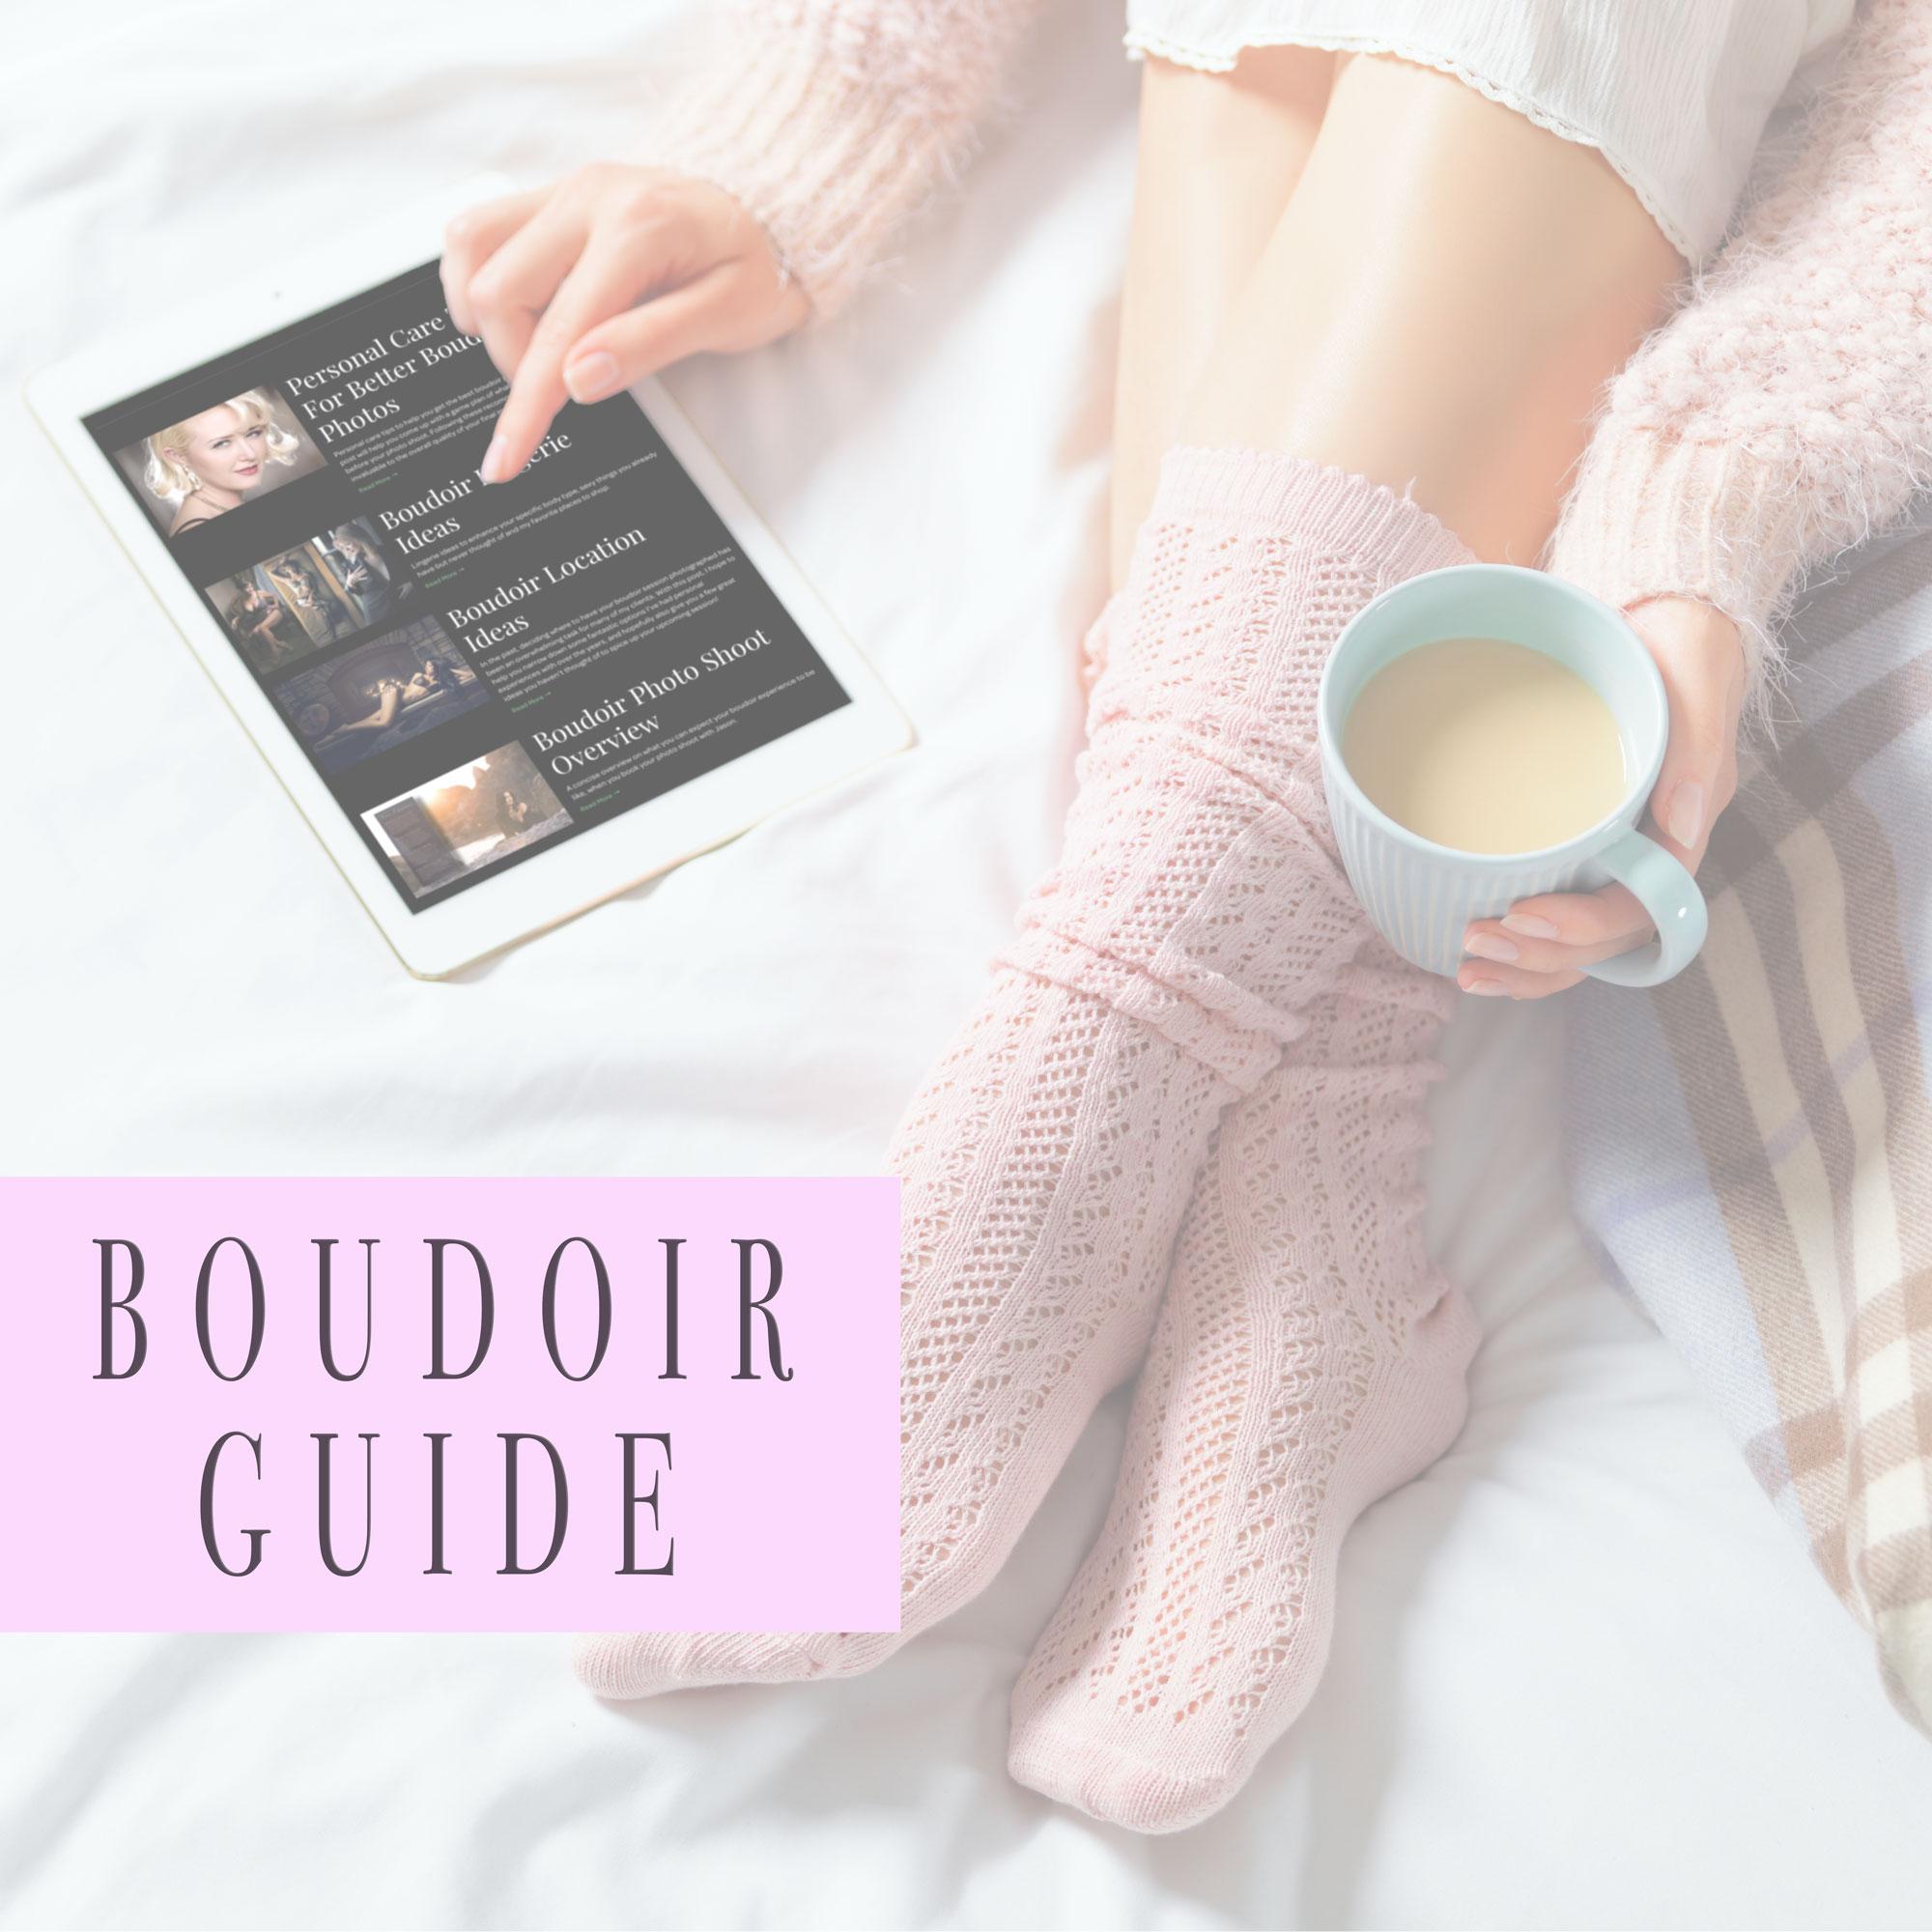 tablet-boudoir-guide-square.jpg